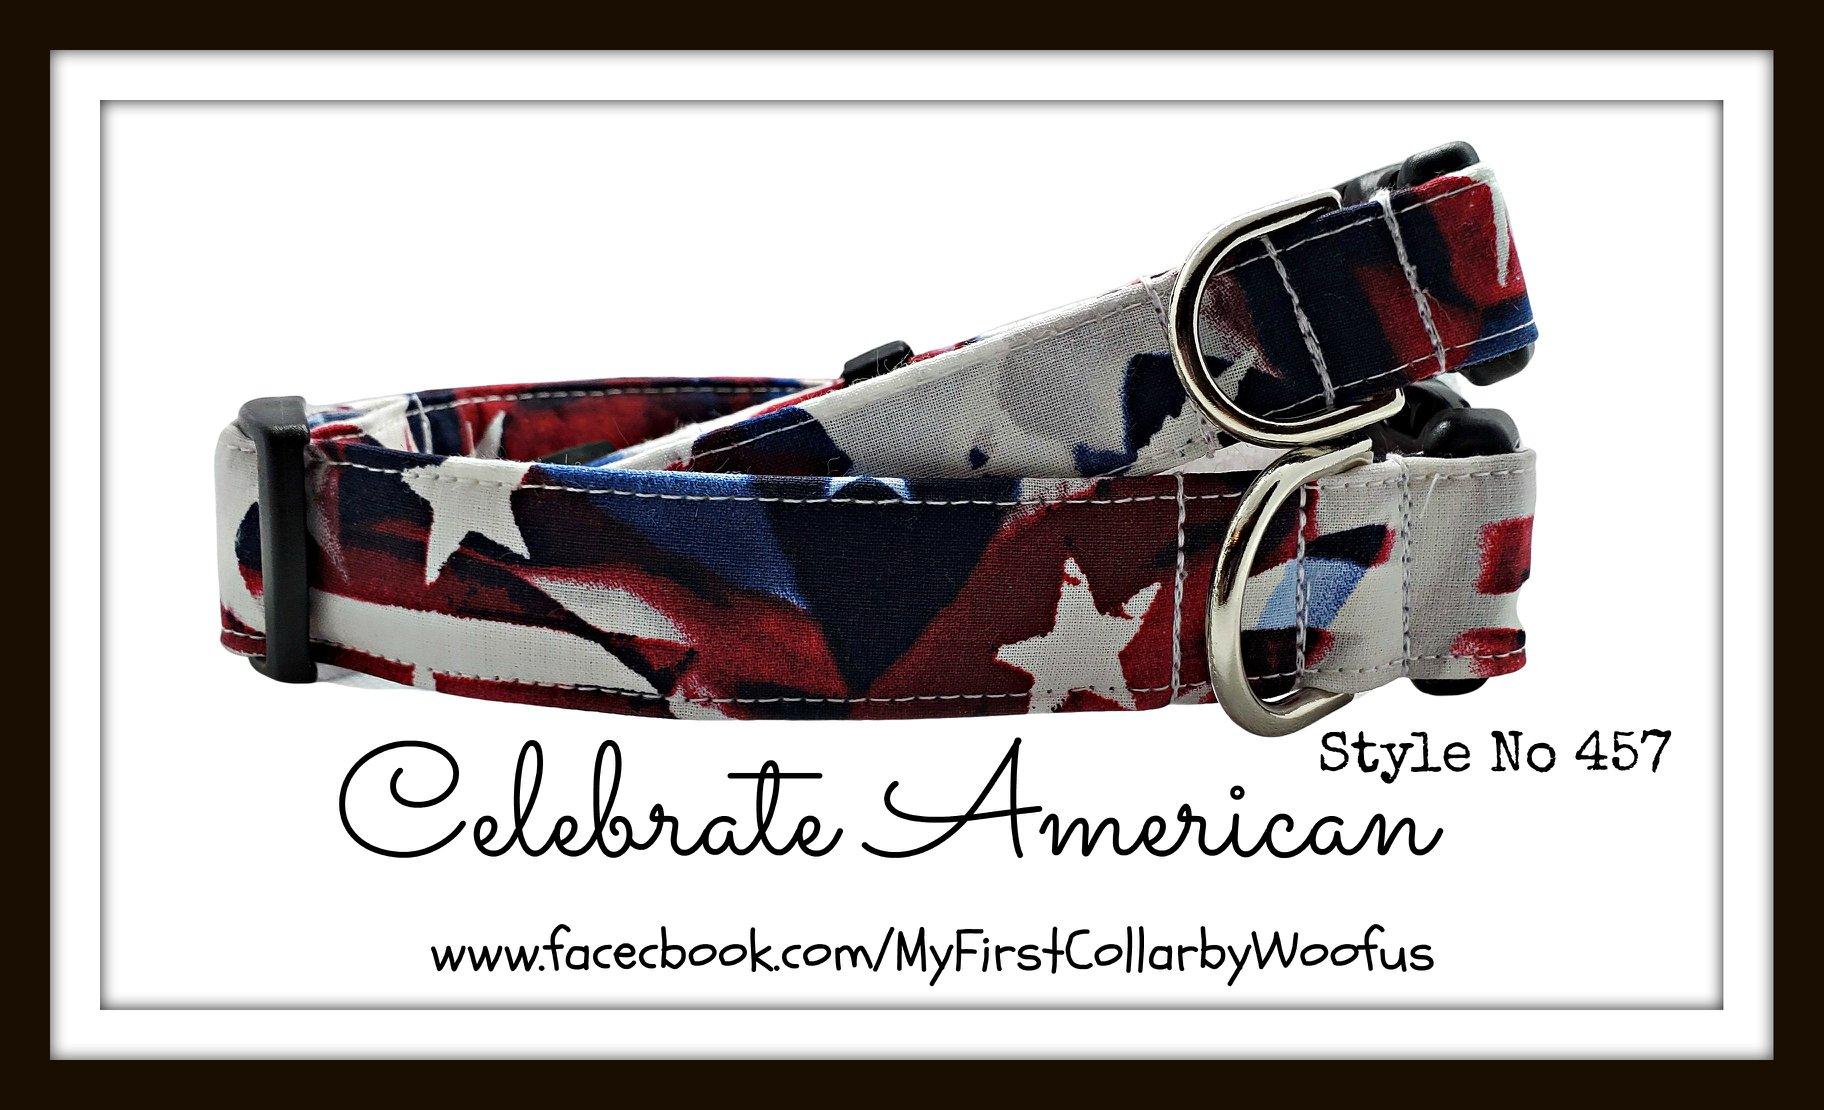 Celebrate American 457